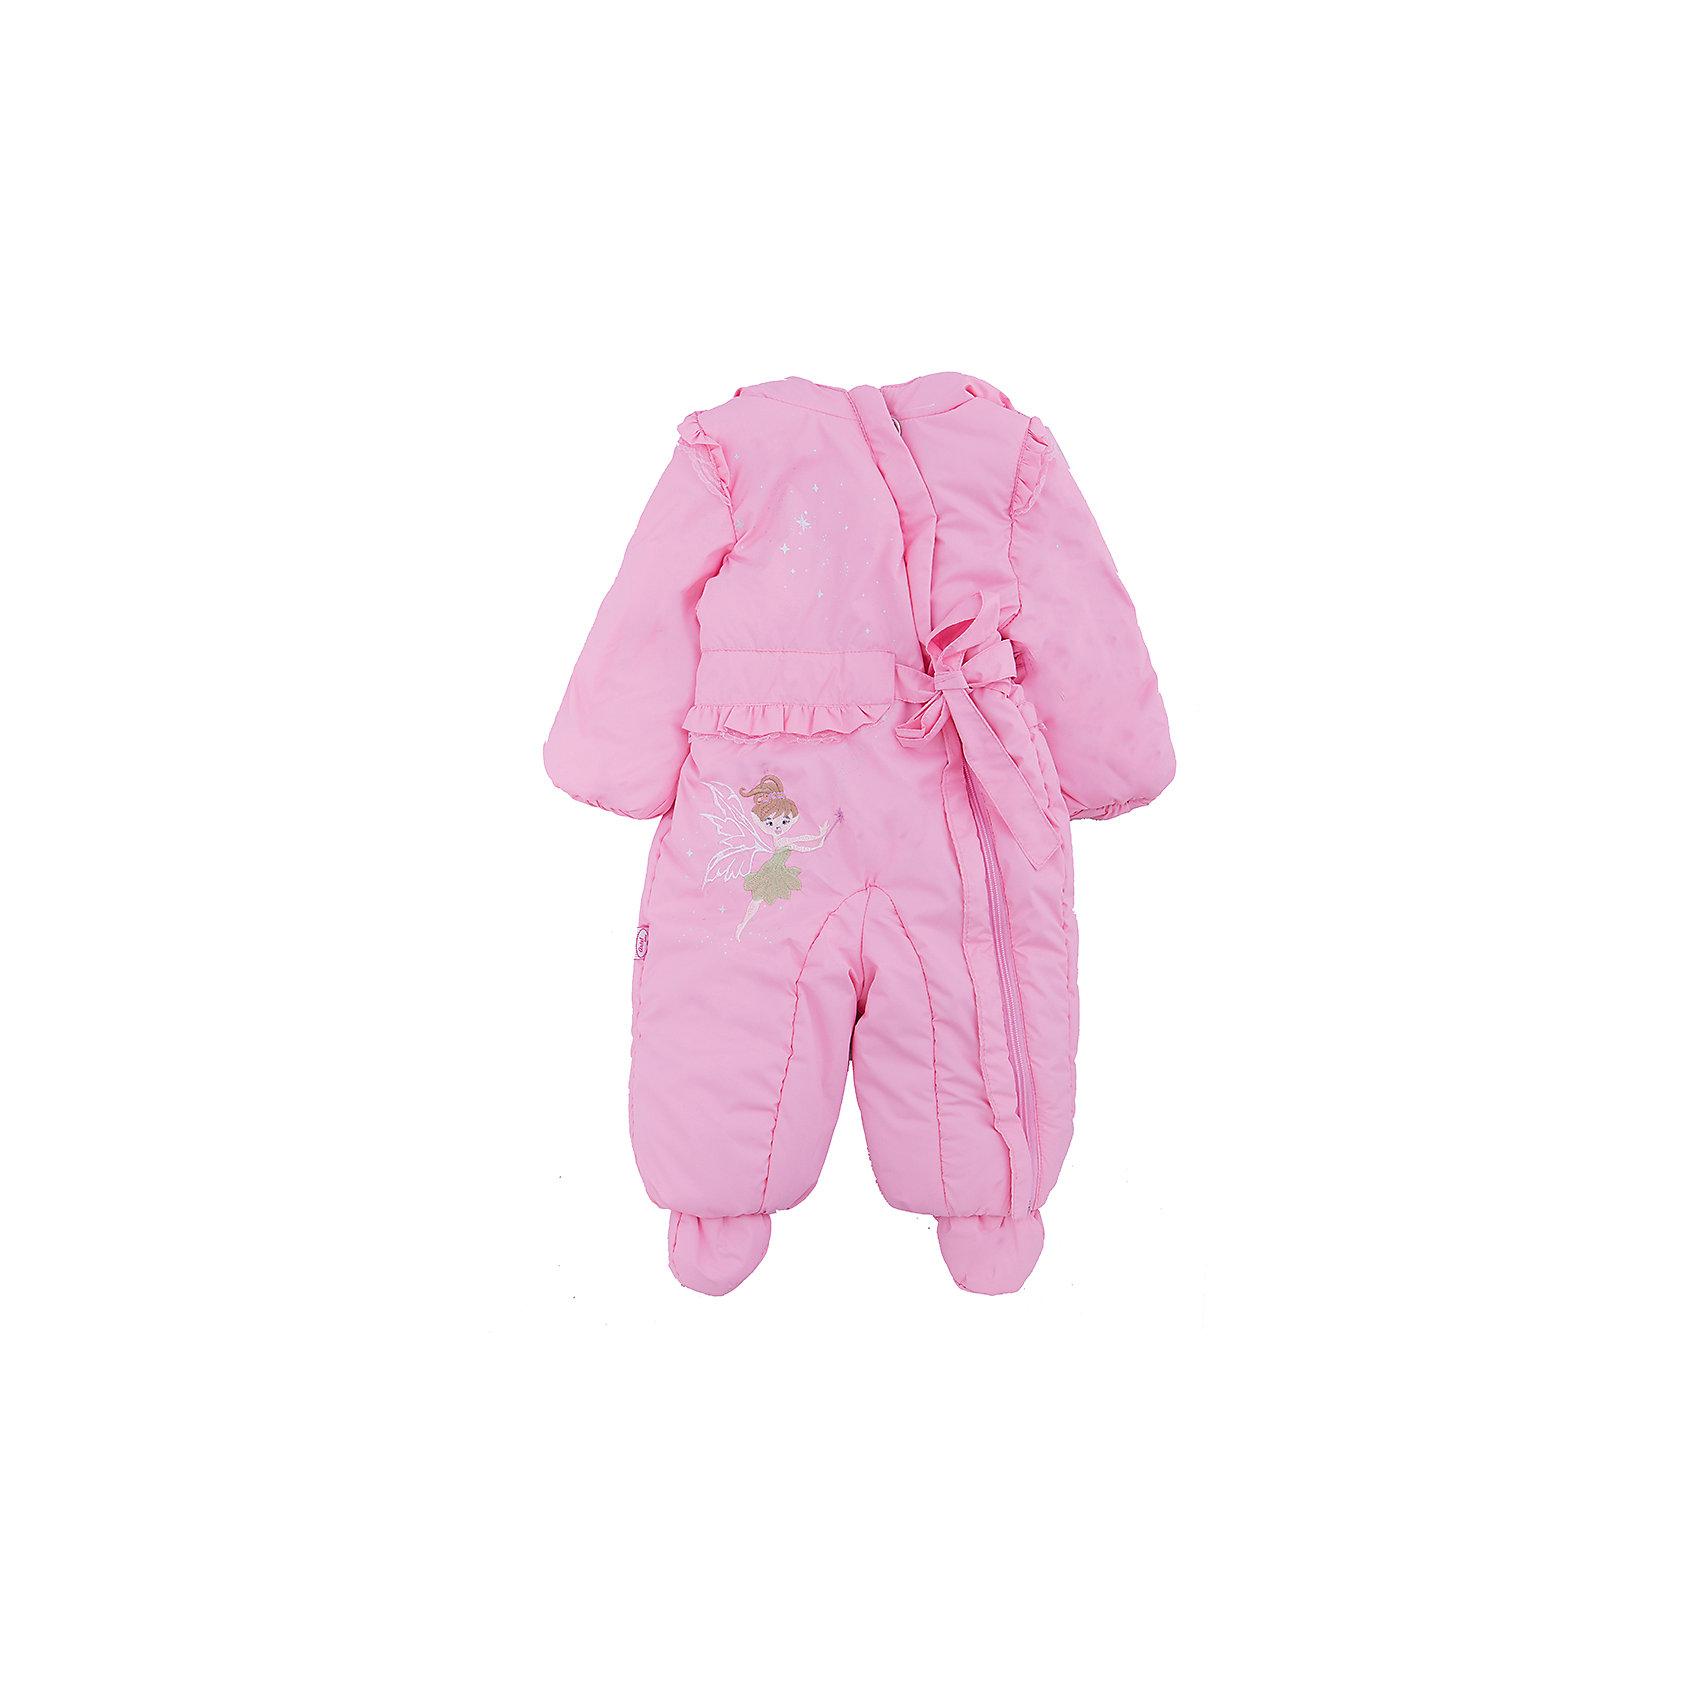 Комбинезон для девочки АртельКомбинезон для девочки от торговой марки Артель &#13;<br>&#13;<br>Симпатичный розовый комбинезон создан специально для девочек. Изделие выполнено из качественных материалов, имеет удобные карманы и капюшон. Отличный вариант для переменной погоды межсезонья!&#13;<br>Одежда от бренда Артель – это высокое качество по приемлемой цене и всегда продуманный дизайн. &#13;<br>&#13;<br>Особенности модели: &#13;<br>- цвет - розовый;&#13;<br>- украшен вышивкой;&#13;<br>- наличие капюшона;&#13;<br>- утеплитель;&#13;<br>- отделка бантом и крыльями;&#13;<br>- застежка-молния.&#13;<br>&#13;<br>Дополнительная информация:&#13;<br>&#13;<br>Состав: &#13;<br>- верх: DewspoFD;<br>- подкладка: хлопок интерлок;<br>- утеплитель: TermoFinn 100 г.<br><br>&#13;<br>Температурный режим: &#13;<br>от -10 °C до + 10 °C&#13;<br>&#13;<br>Комбинезон для девочки Артель (Artel) можно купить в нашем магазине.<br><br>Ширина мм: 356<br>Глубина мм: 10<br>Высота мм: 245<br>Вес г: 519<br>Цвет: розовый<br>Возраст от месяцев: 3<br>Возраст до месяцев: 6<br>Пол: Женский<br>Возраст: Детский<br>Размер: 68,80,74<br>SKU: 4495969